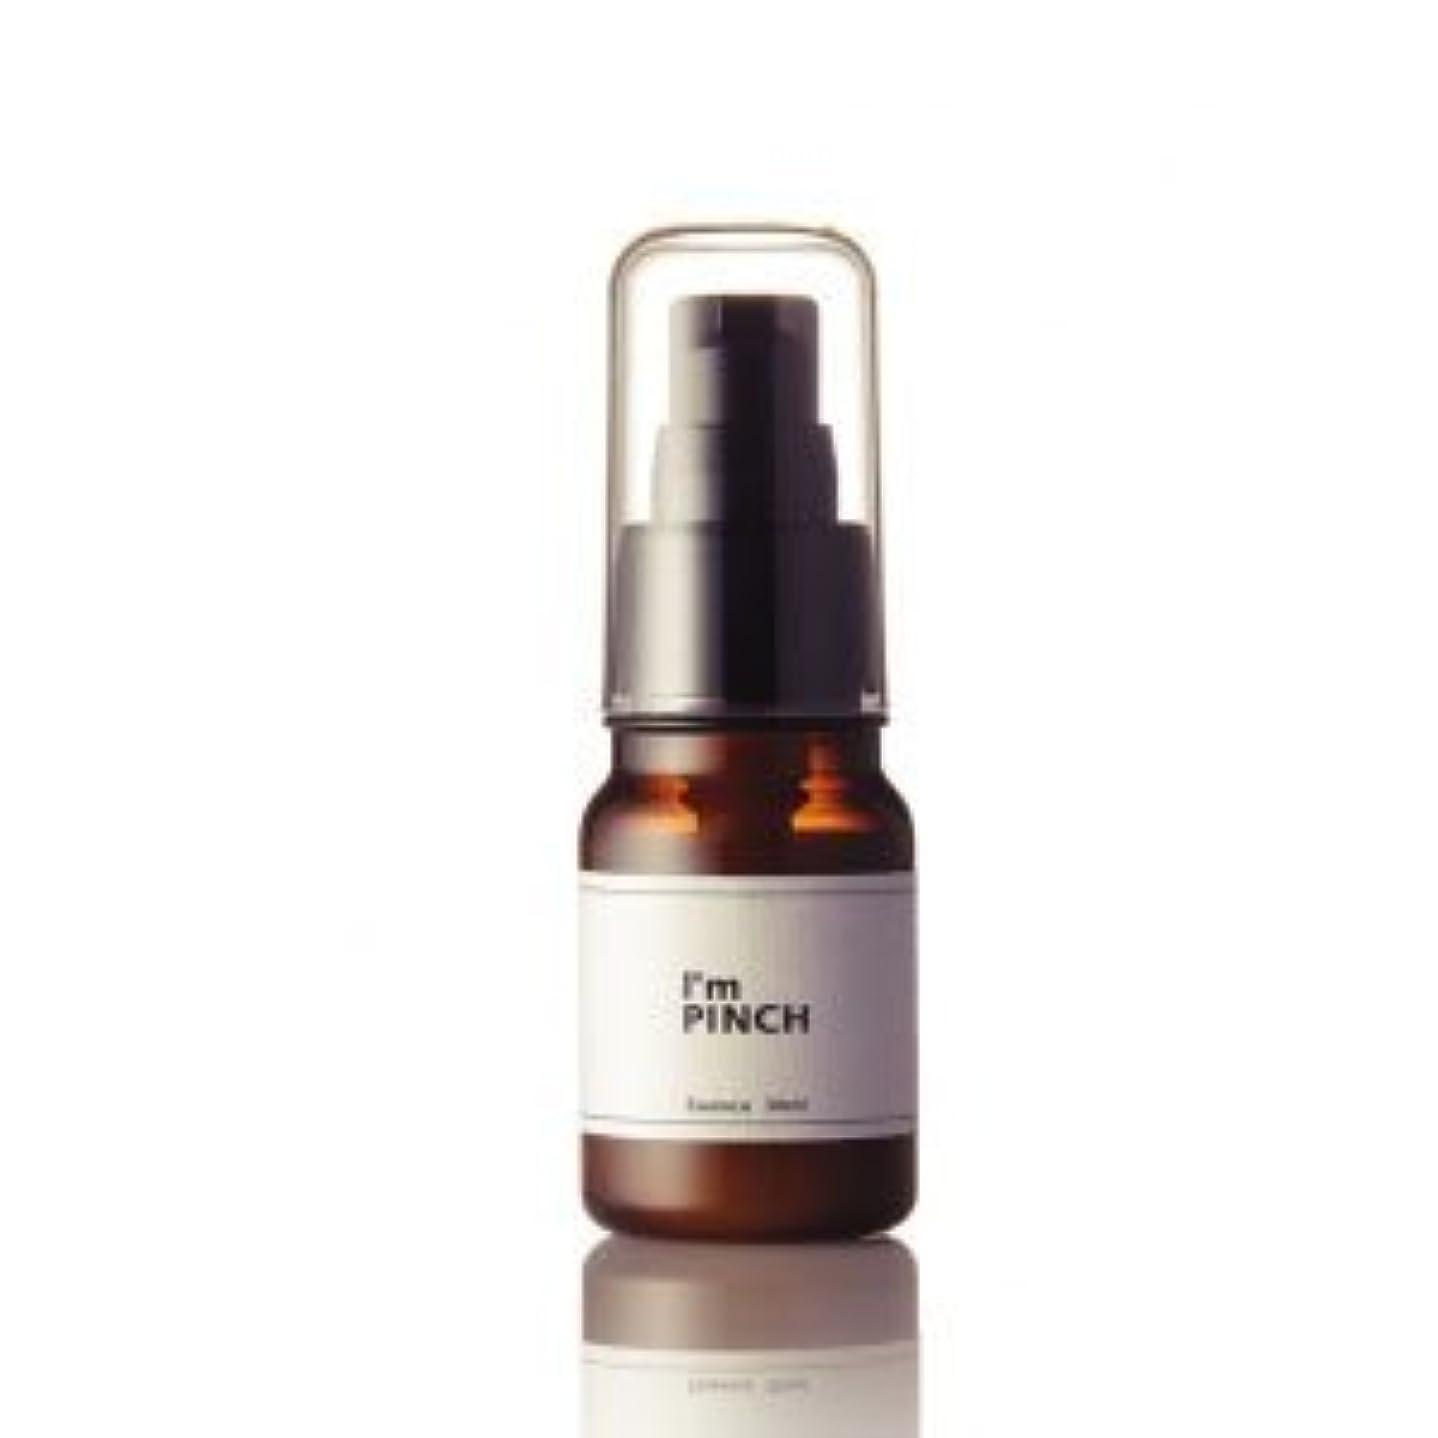 顧問言い直す影響乾燥からお肌を救う美容液 I'm PINCH(アイムピンチ)10ml